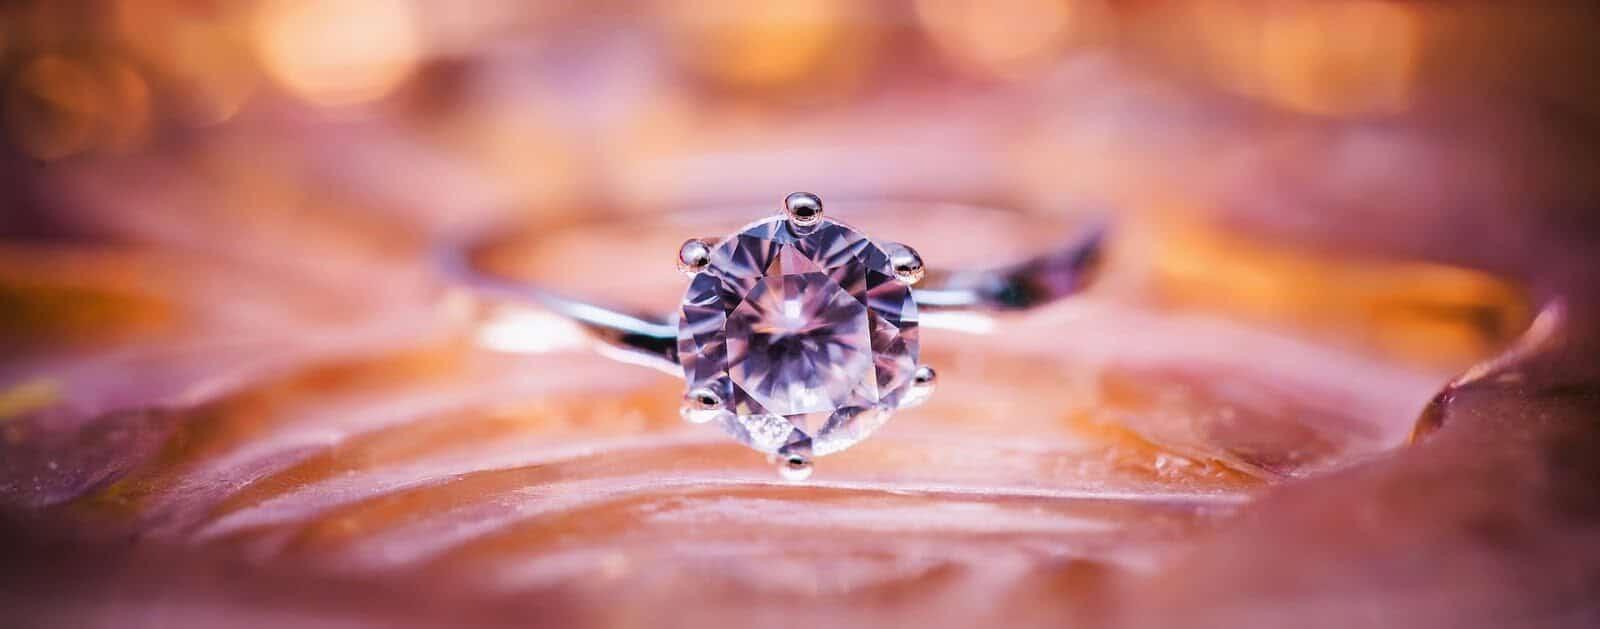 cores do diamante na natureza